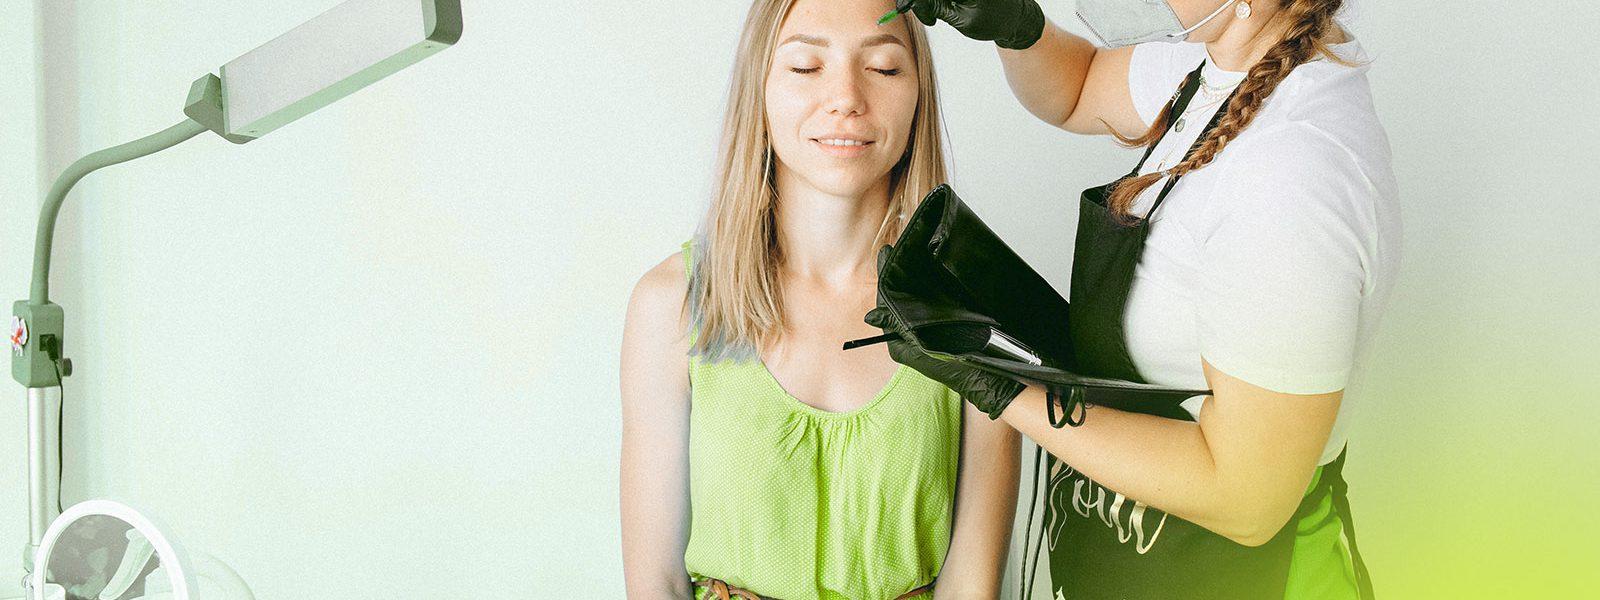 Jak przebiega stylizacja brwi